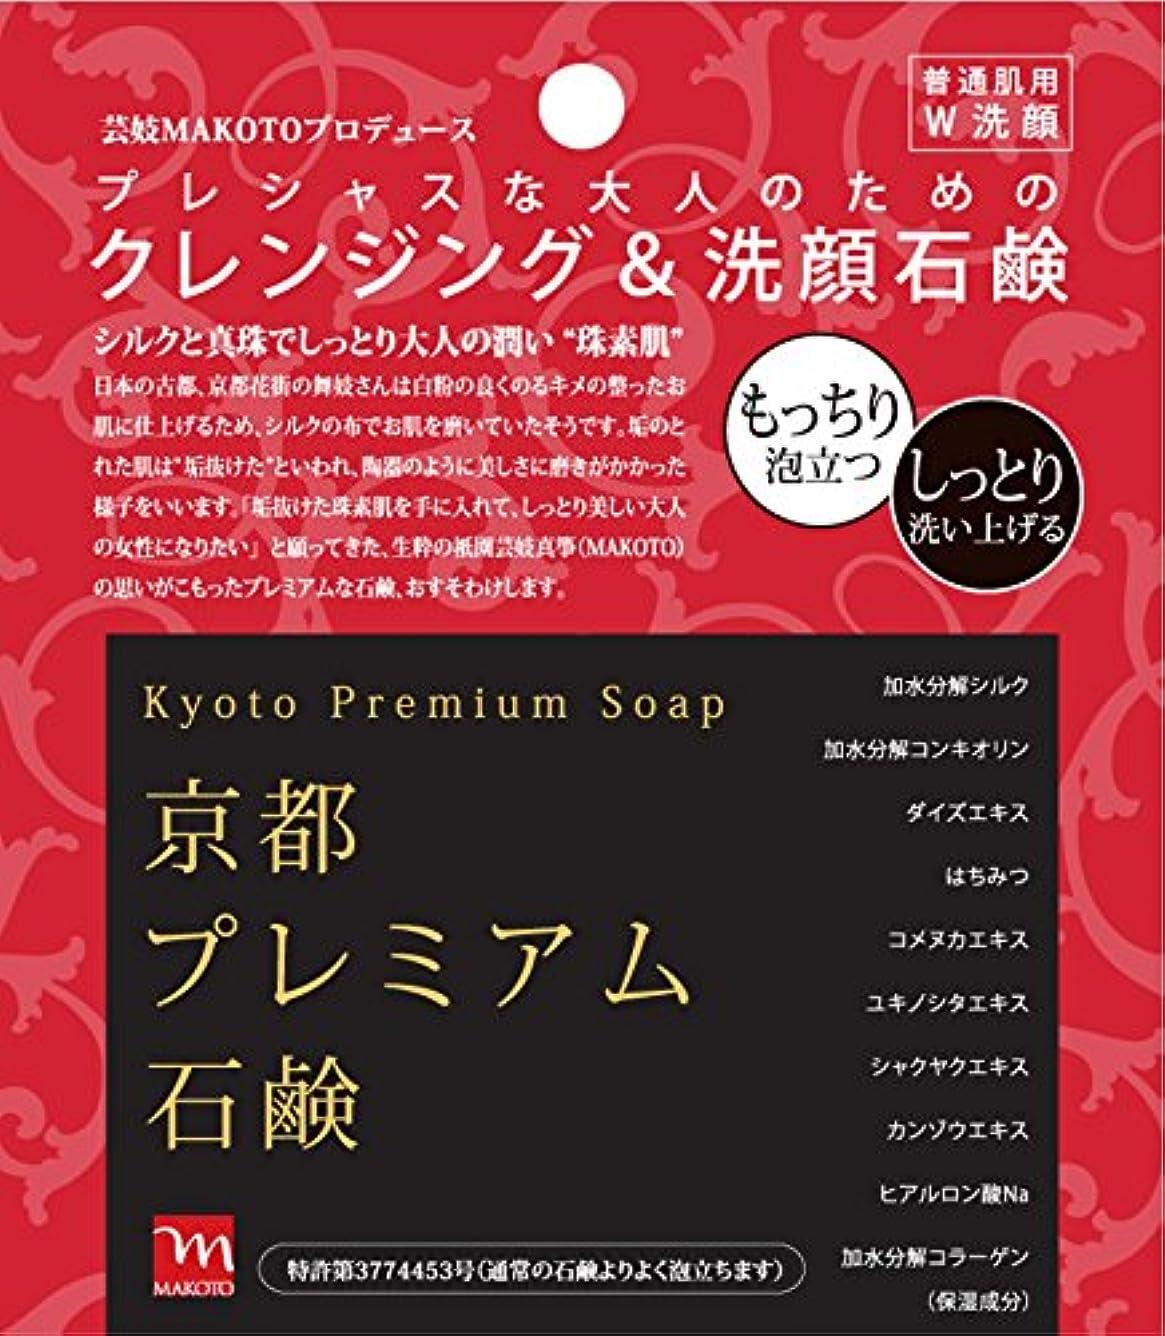 レモン感謝する接続京都プレミアム石鹸 クレンジング&洗顔石鹸 しっとり もっちり 芸妓さん監修